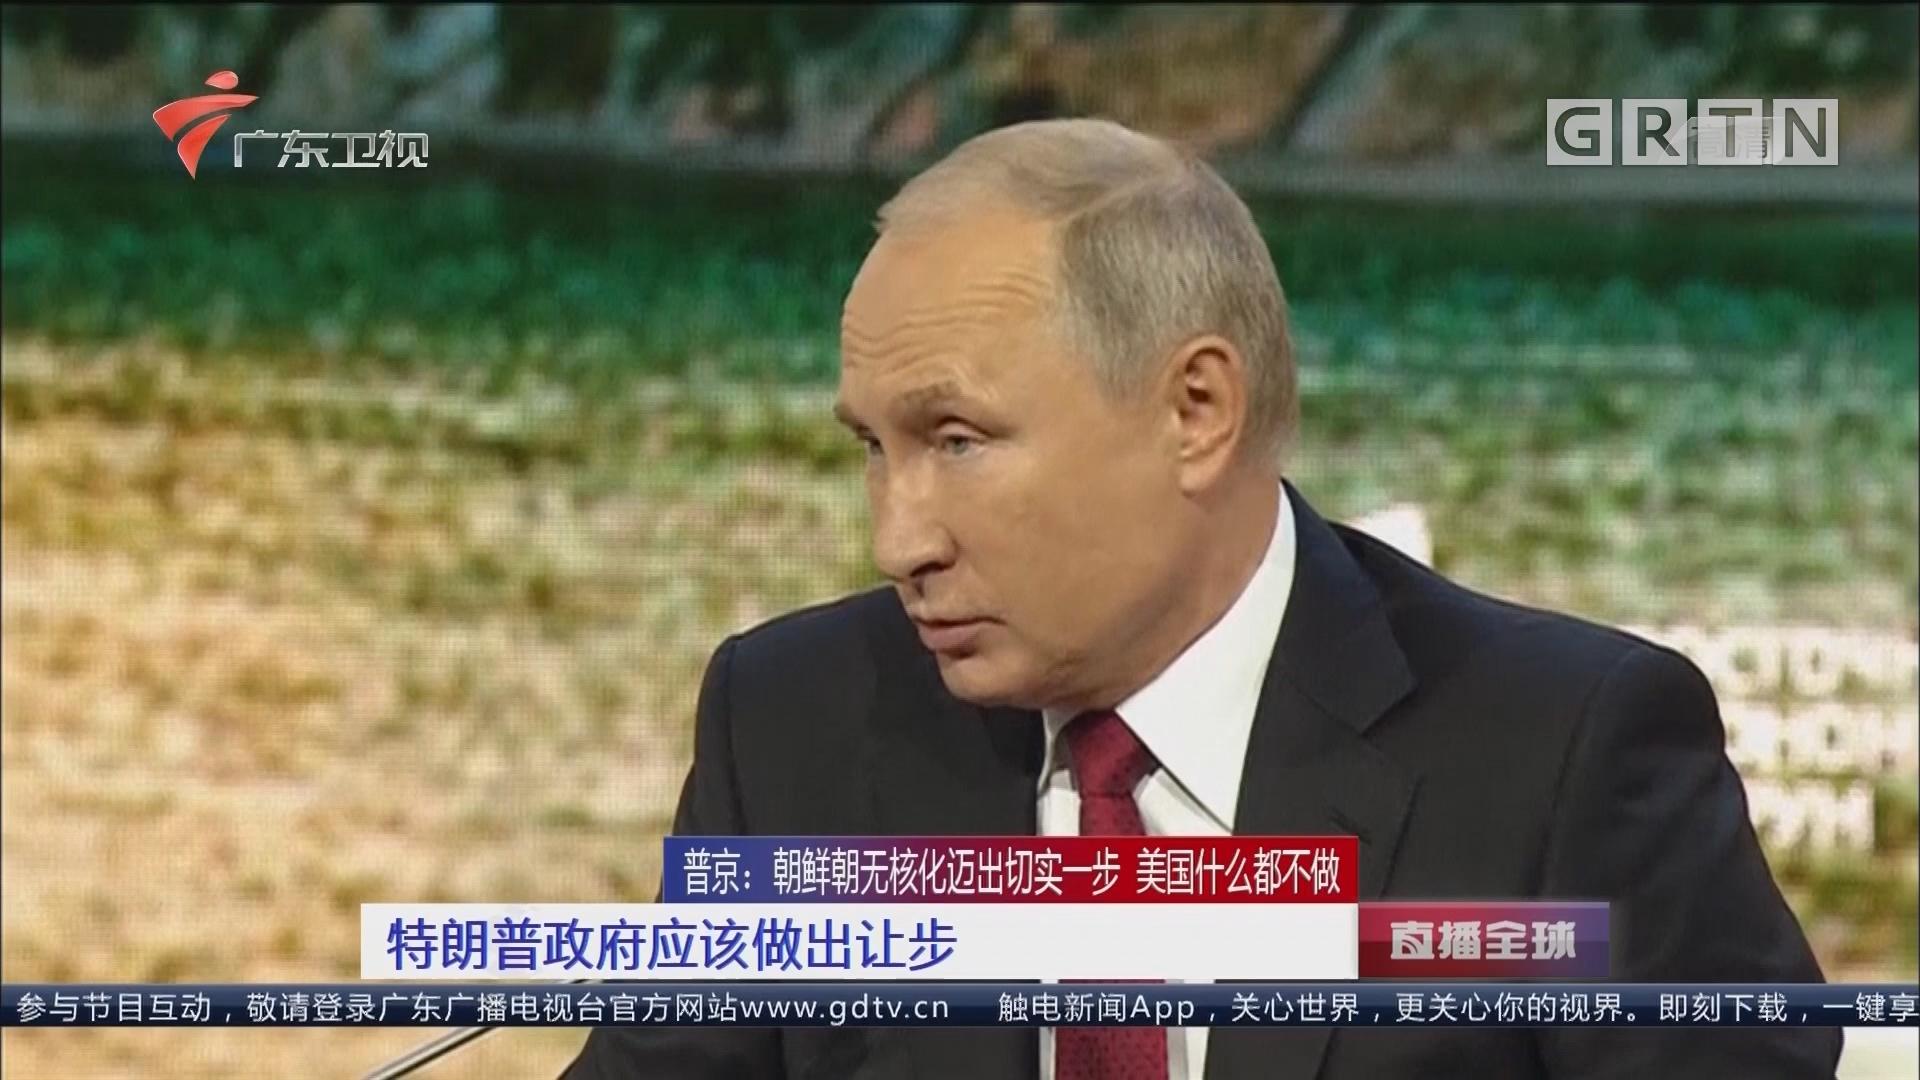 普京:朝鲜朝无核化迈出切实一步 美国什么都不做 特朗普政府应该做出让步